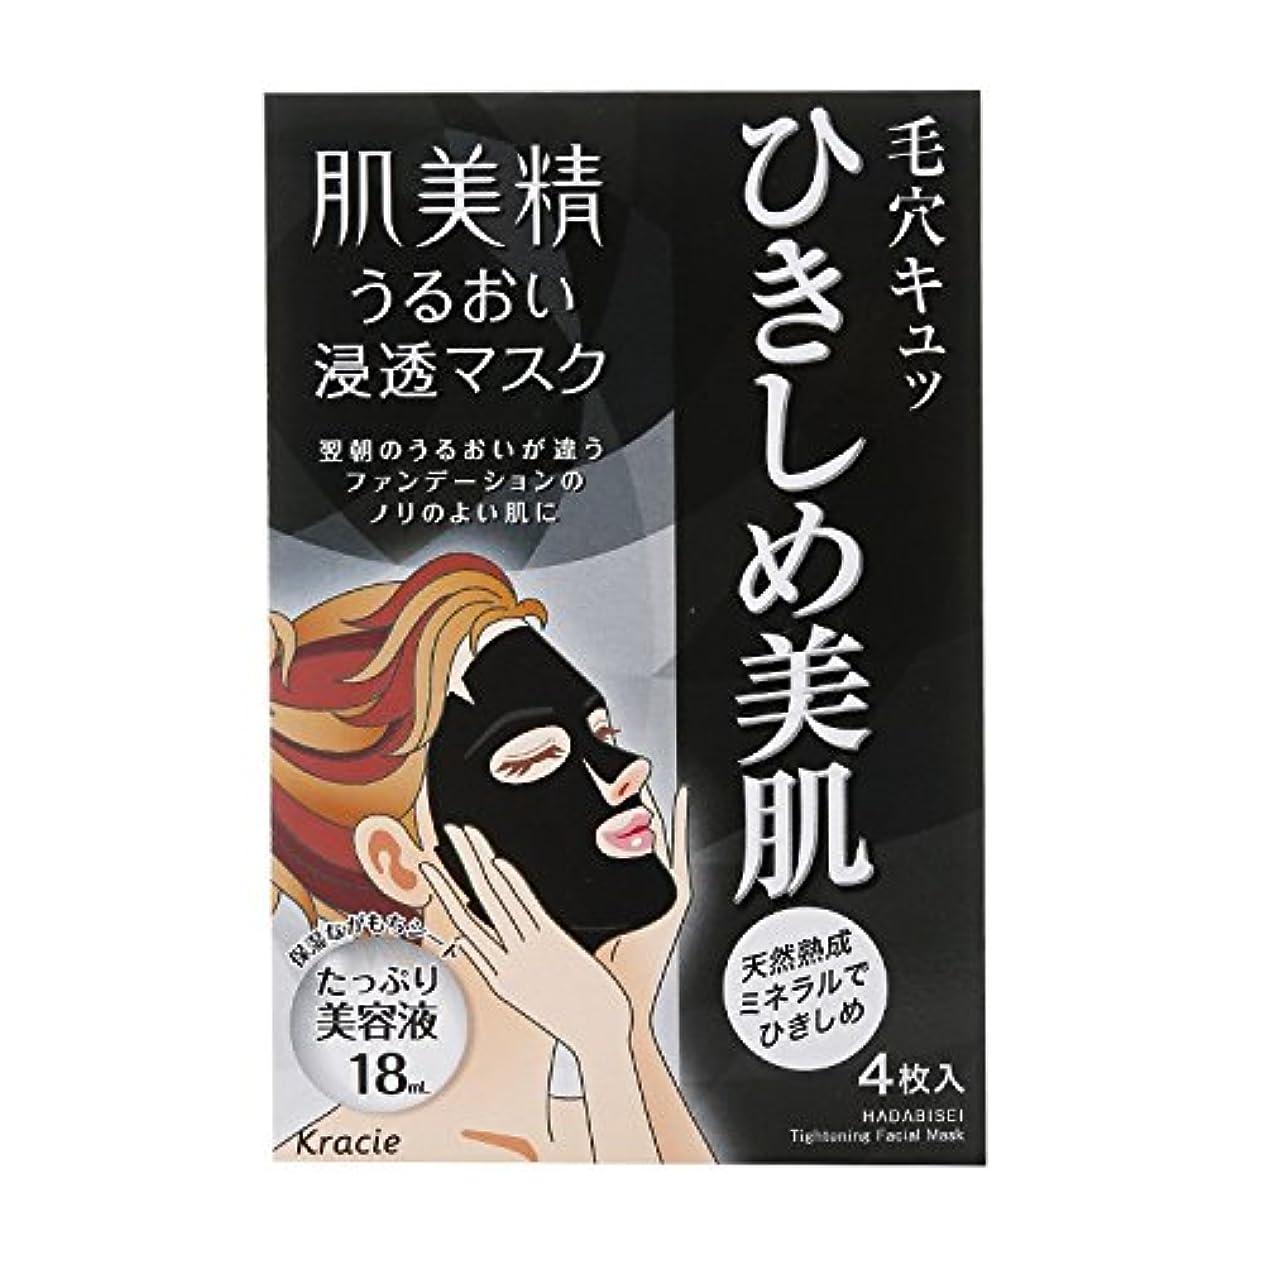 不規則性吹雪届ける肌美精 うるおい浸透マスク (ひきしめ) 4枚 × 2個